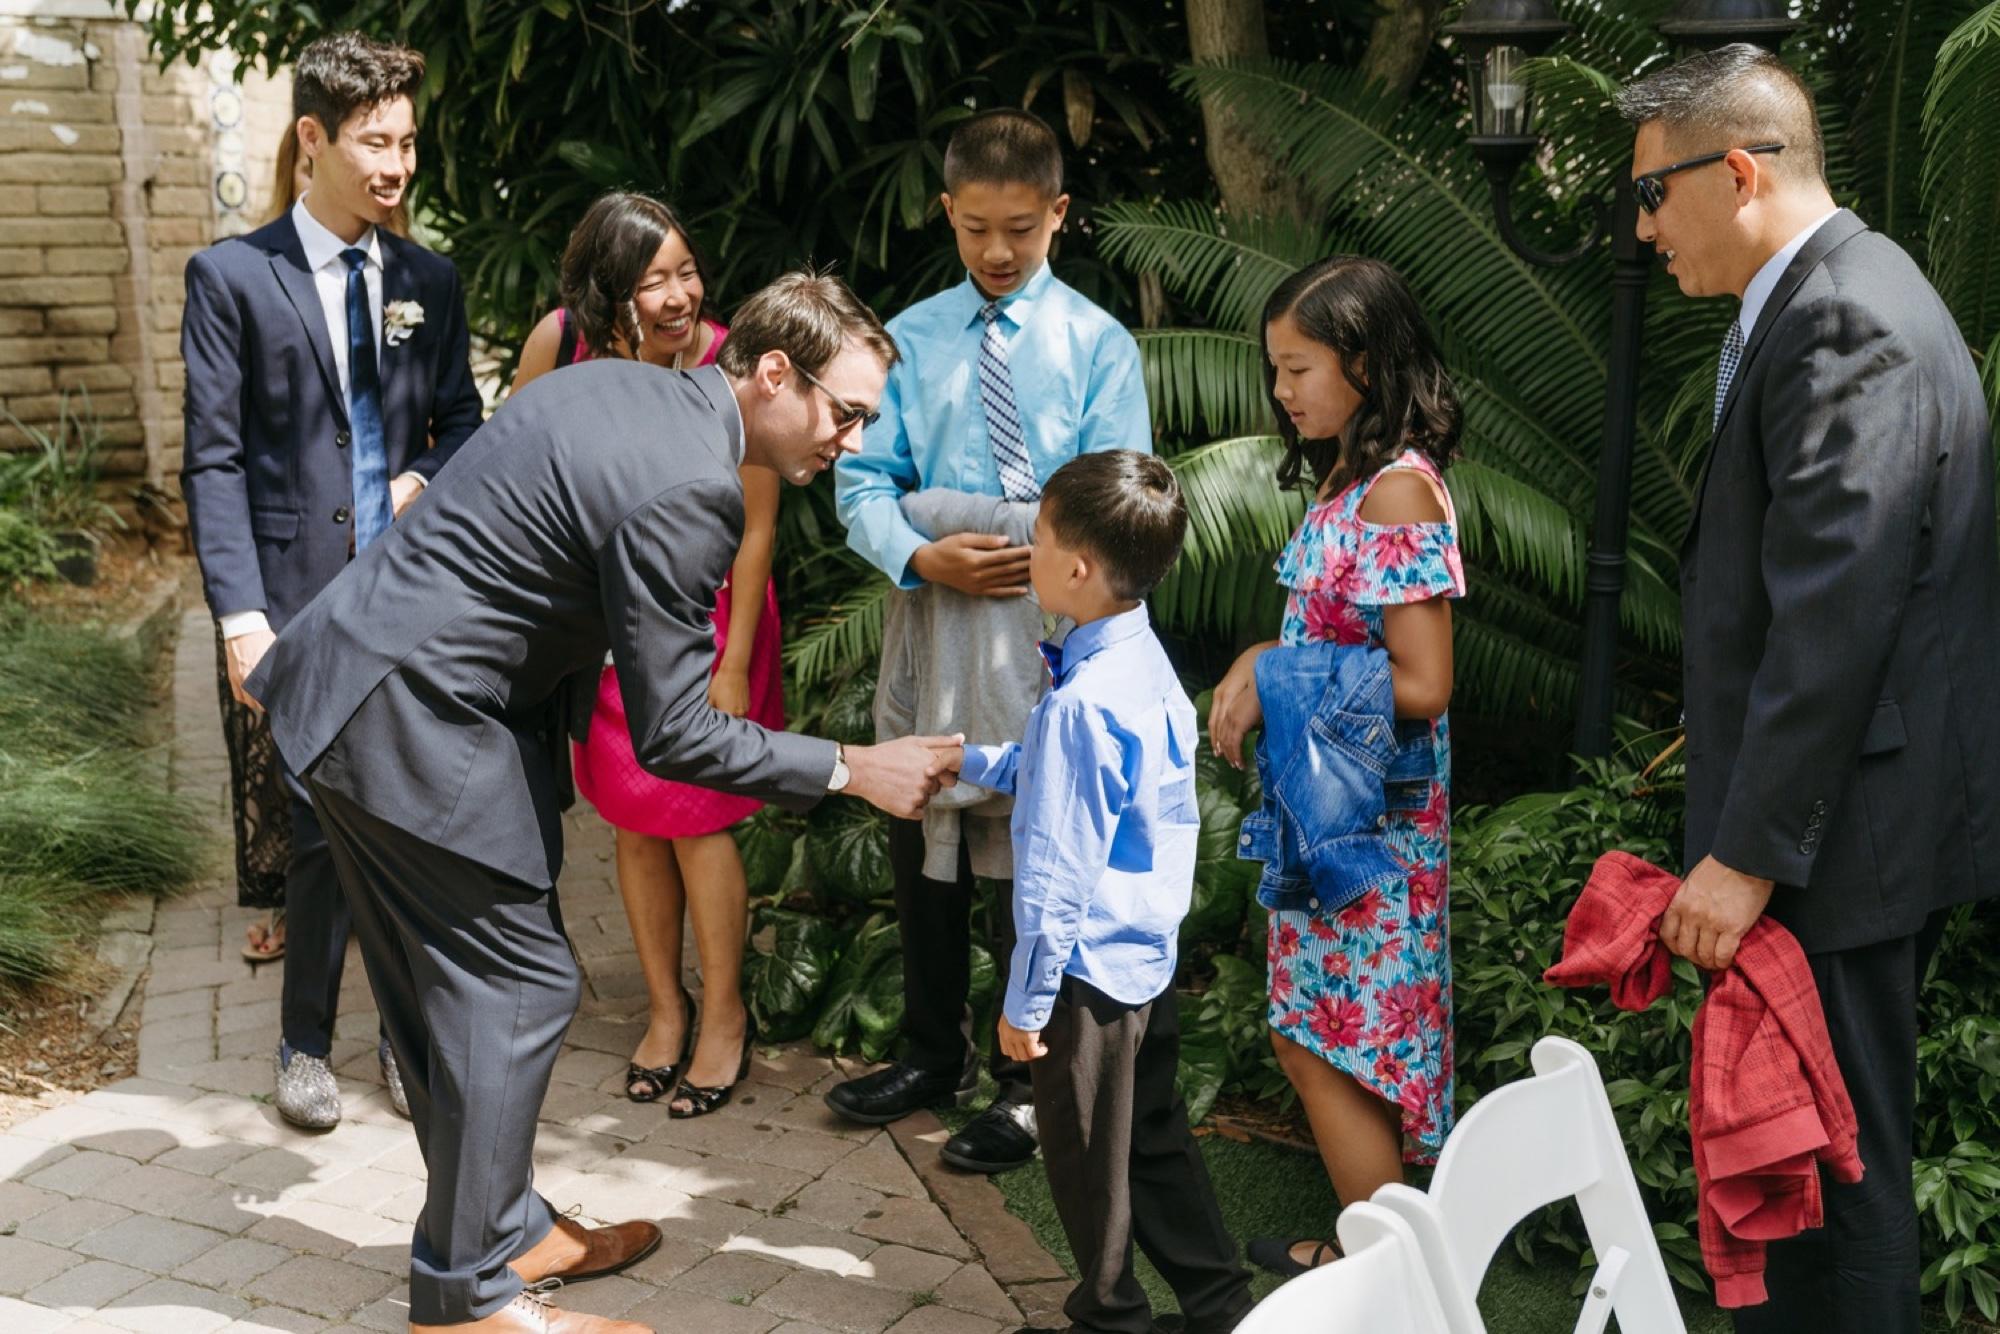 017_Shawna and Steve's Wedding-99.jpg